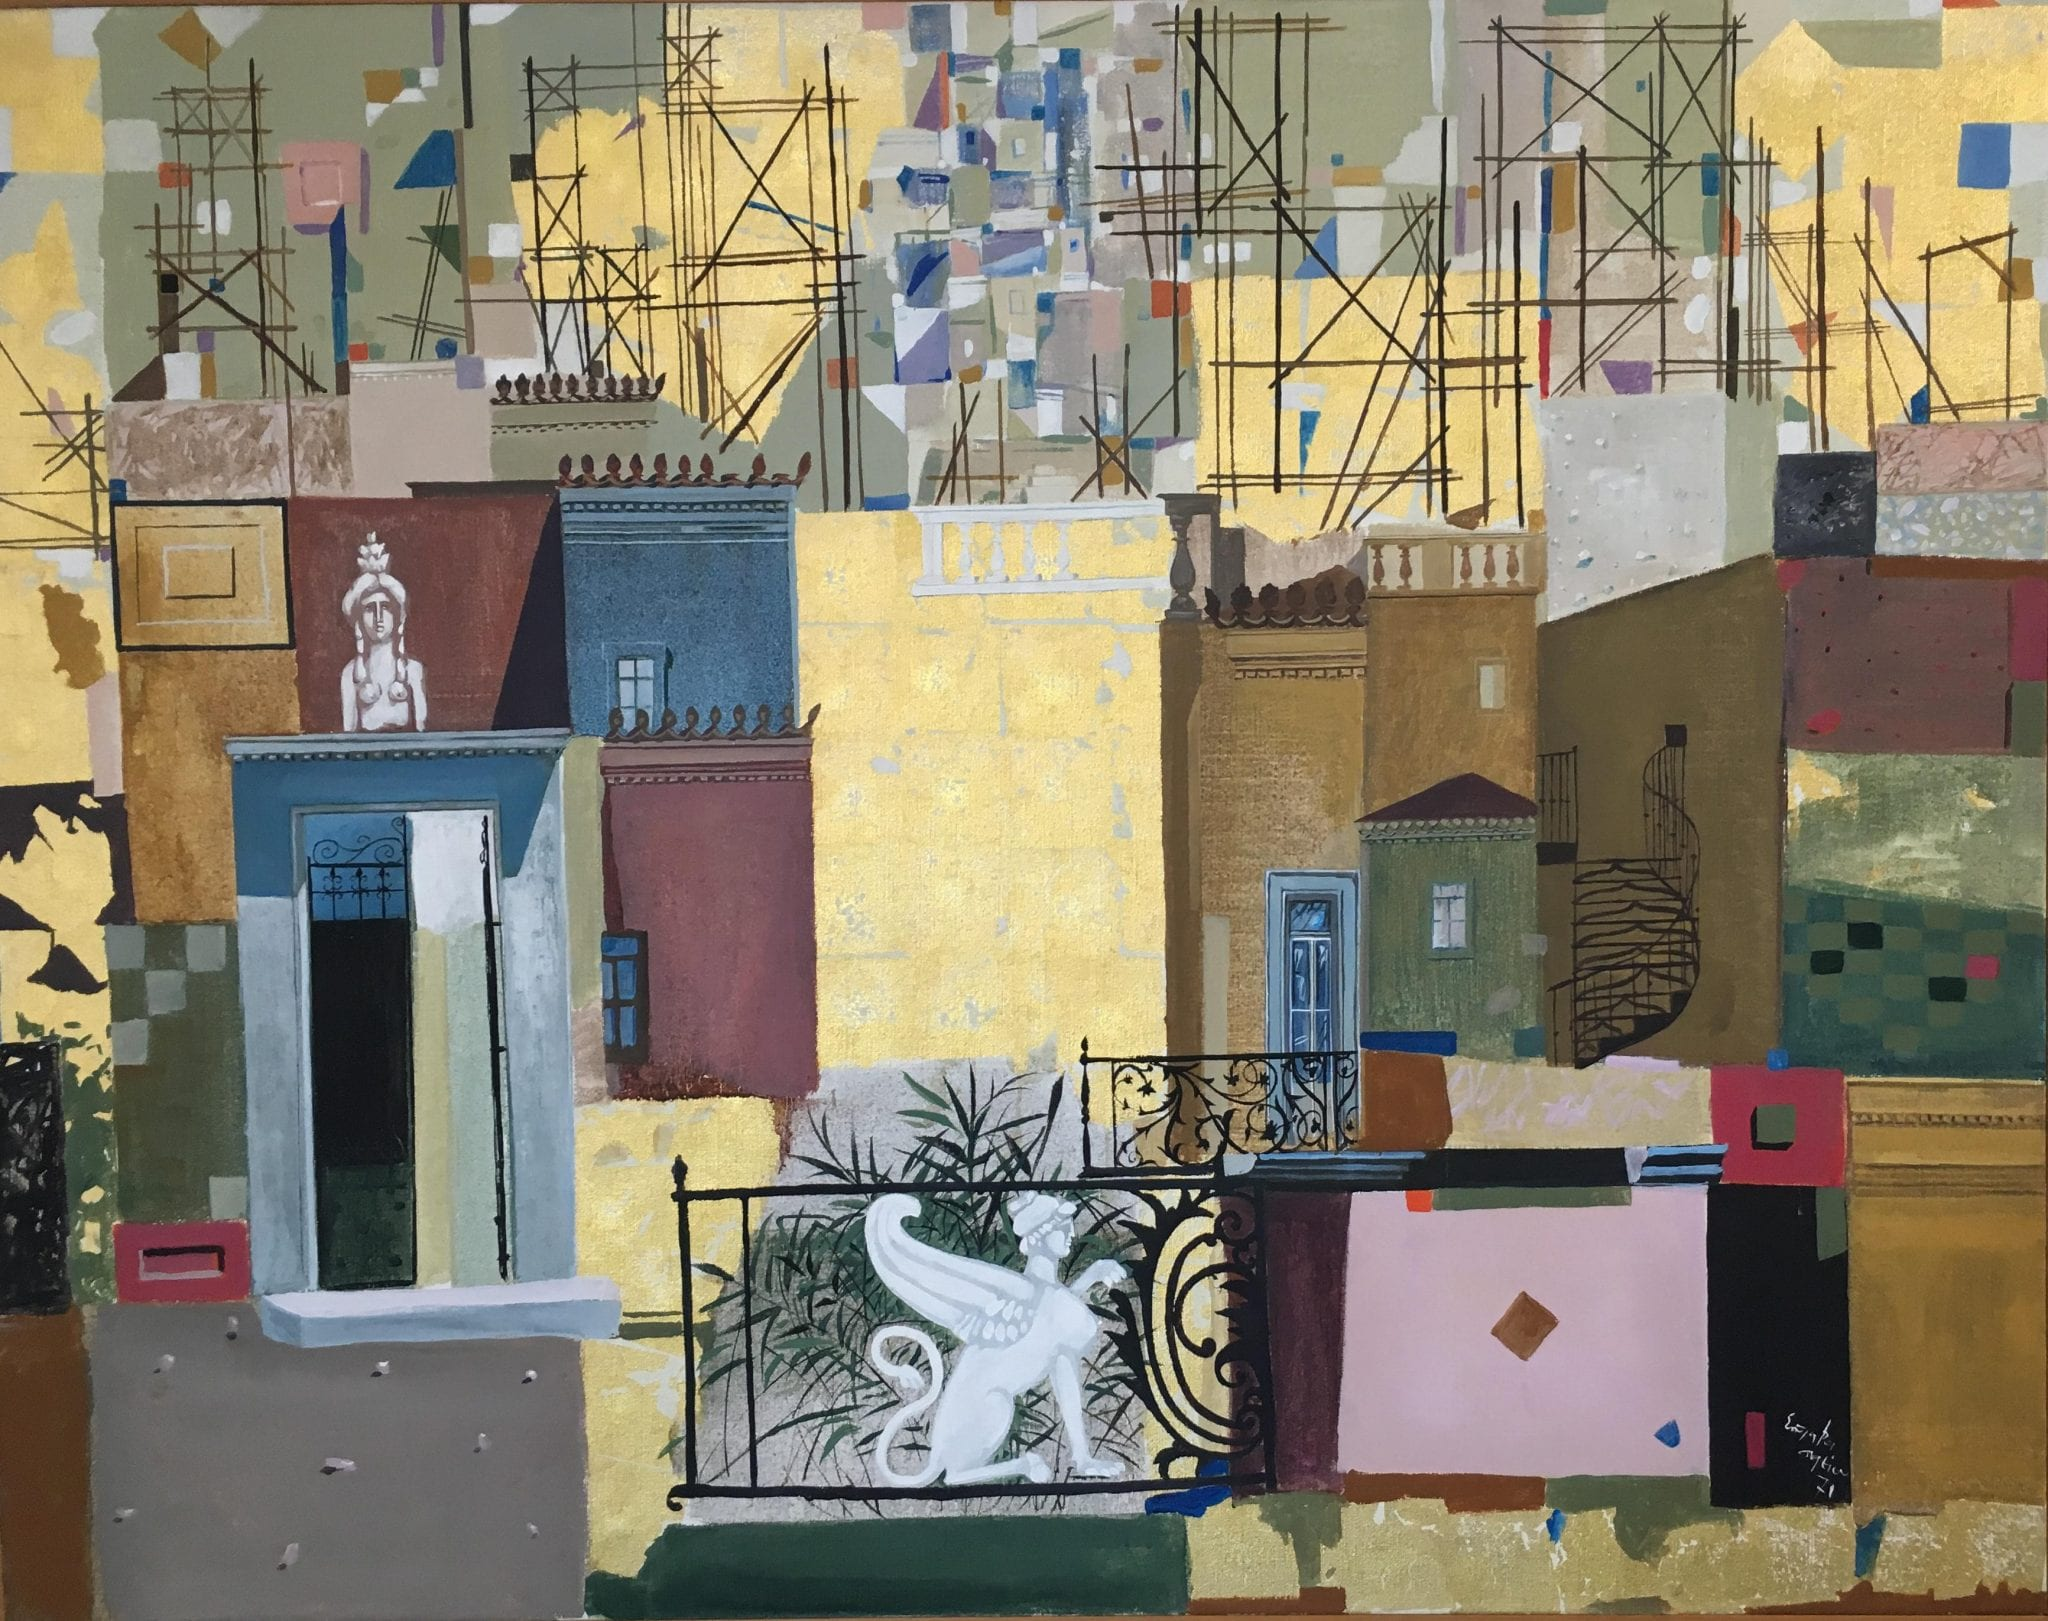 Παράταση για την έκθεση «η συλλογή της ALPHA BANK, ελληνική τέχνη από το 1950 έως σήμερα», που φιλοξενείται στη Νέα Πτέρυγα του Νεστορίδειου Μελάθρου